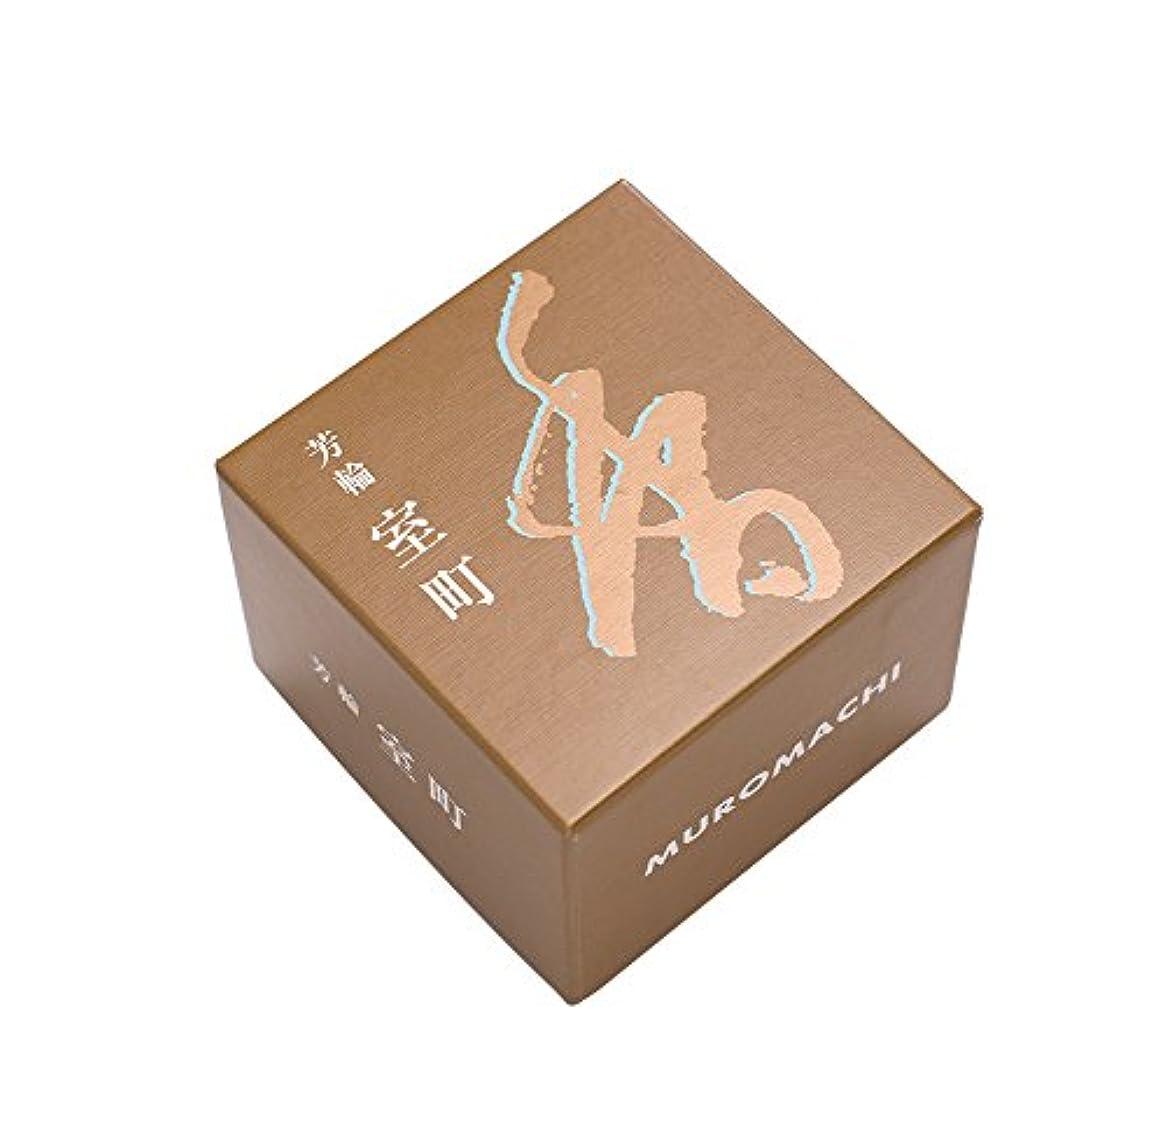 生理アートテスピアン松栄堂のお香 芳輪室町 渦巻型10枚入 うてな角型付 #210421